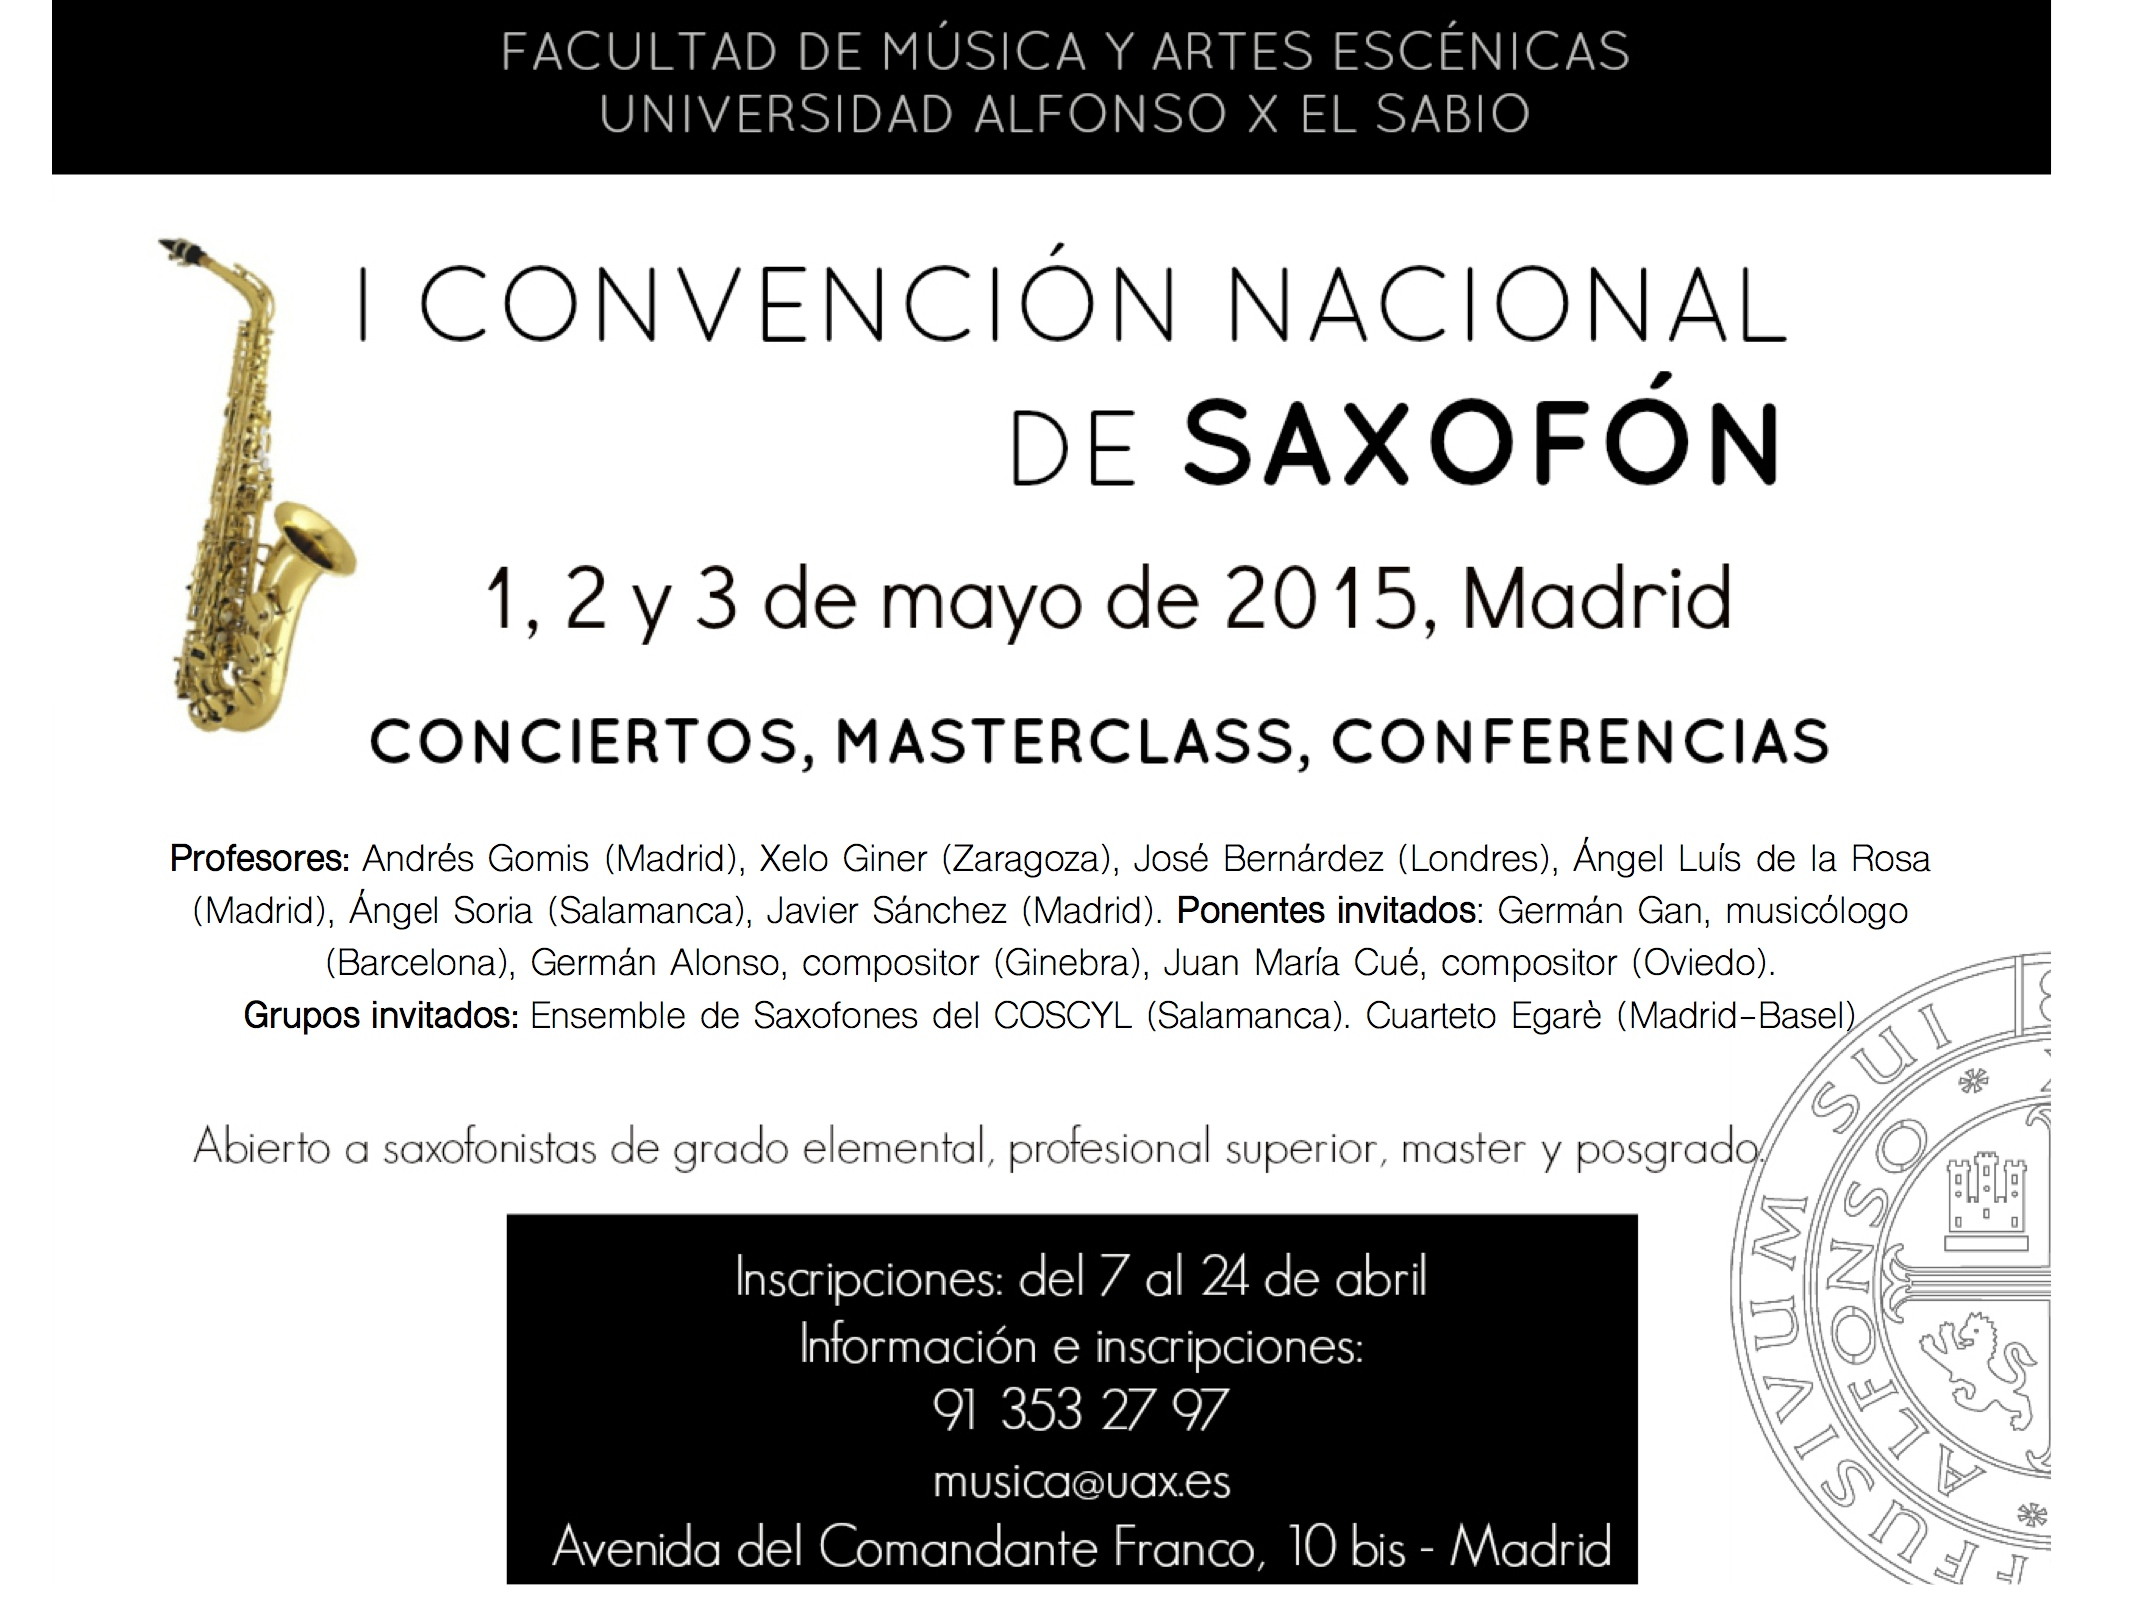 I CONVENCION NACIONAL DE SAXOFON jpeg